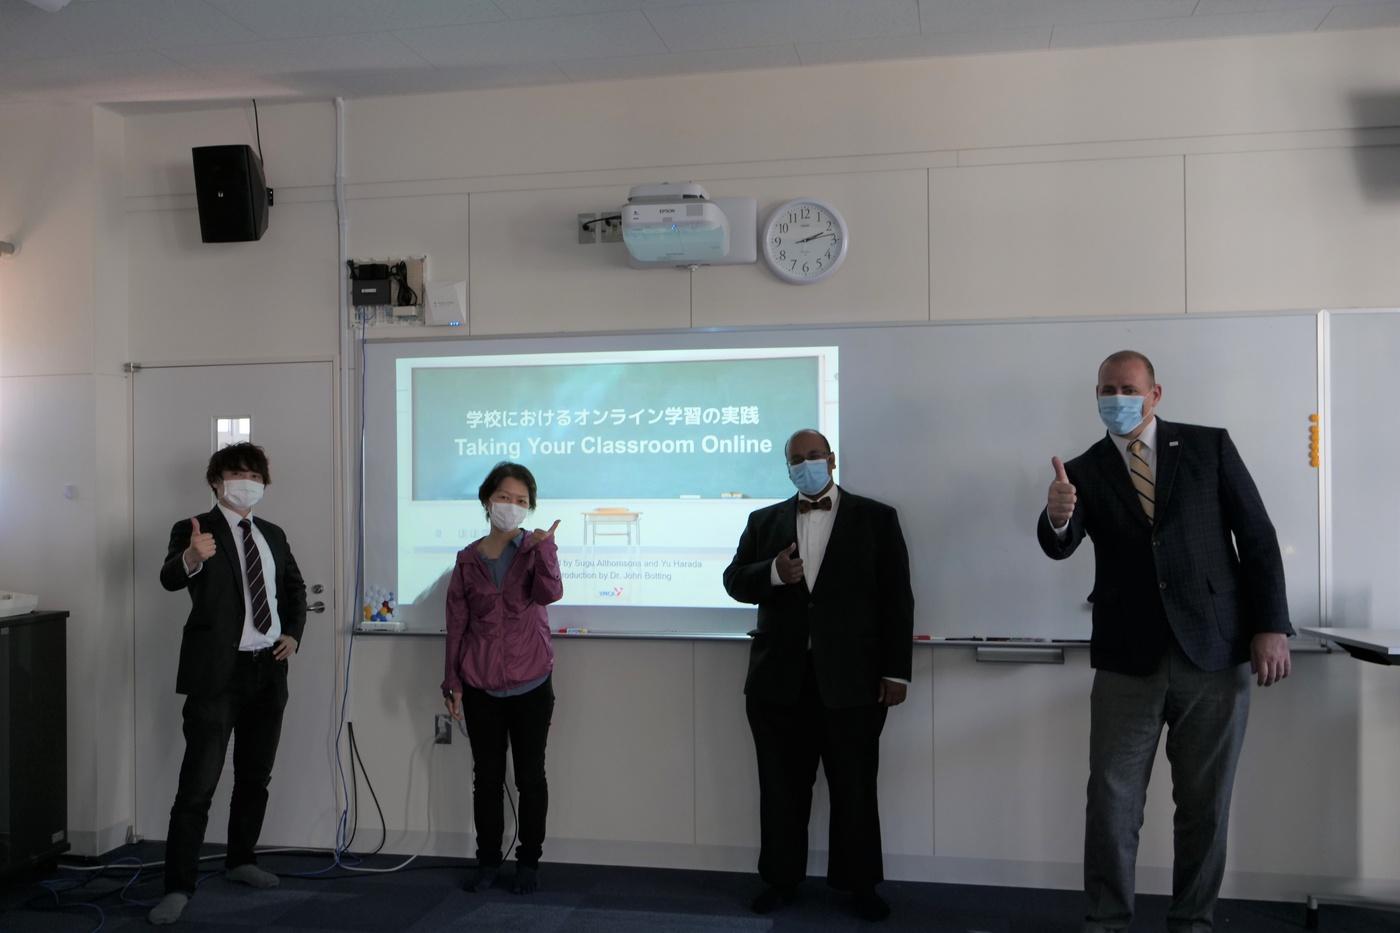 駐大阪・神戸米国総領事館主催のオンライン教育に関するウェビナーに ...